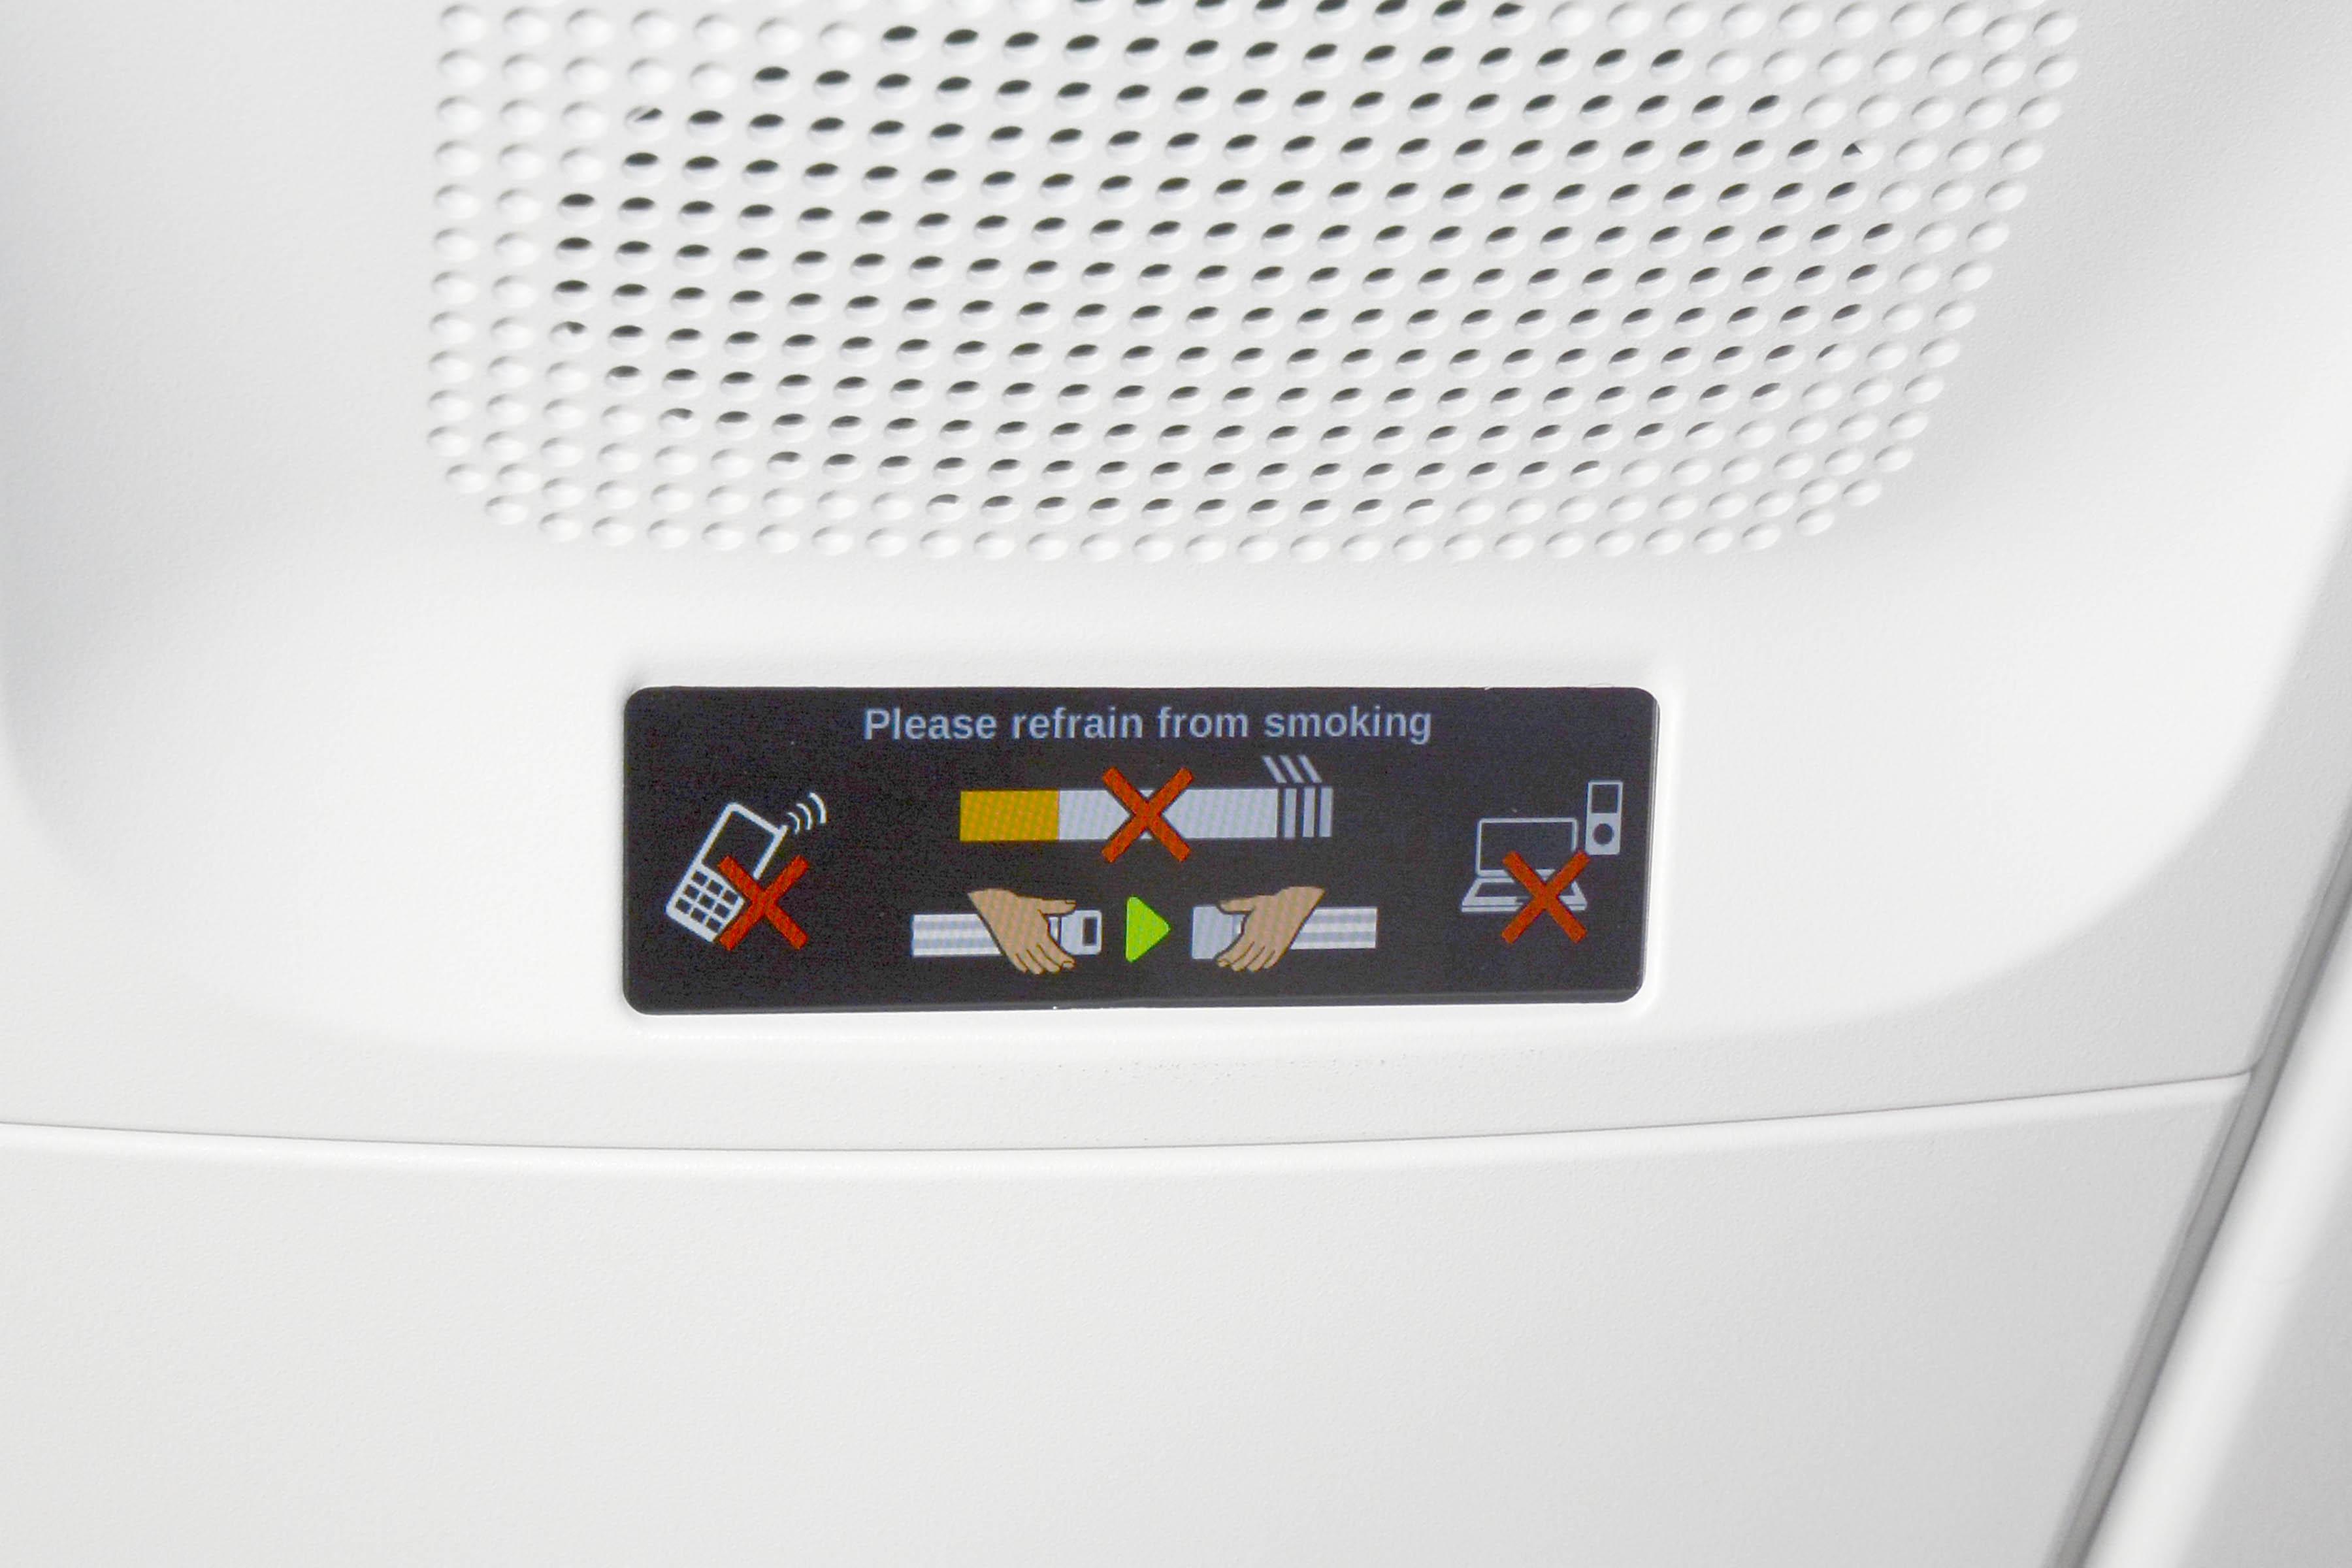 Los indicadores de no fumar y cinturones incluyen también la indicación para el uso de dispositivos electrónicos a bordo.